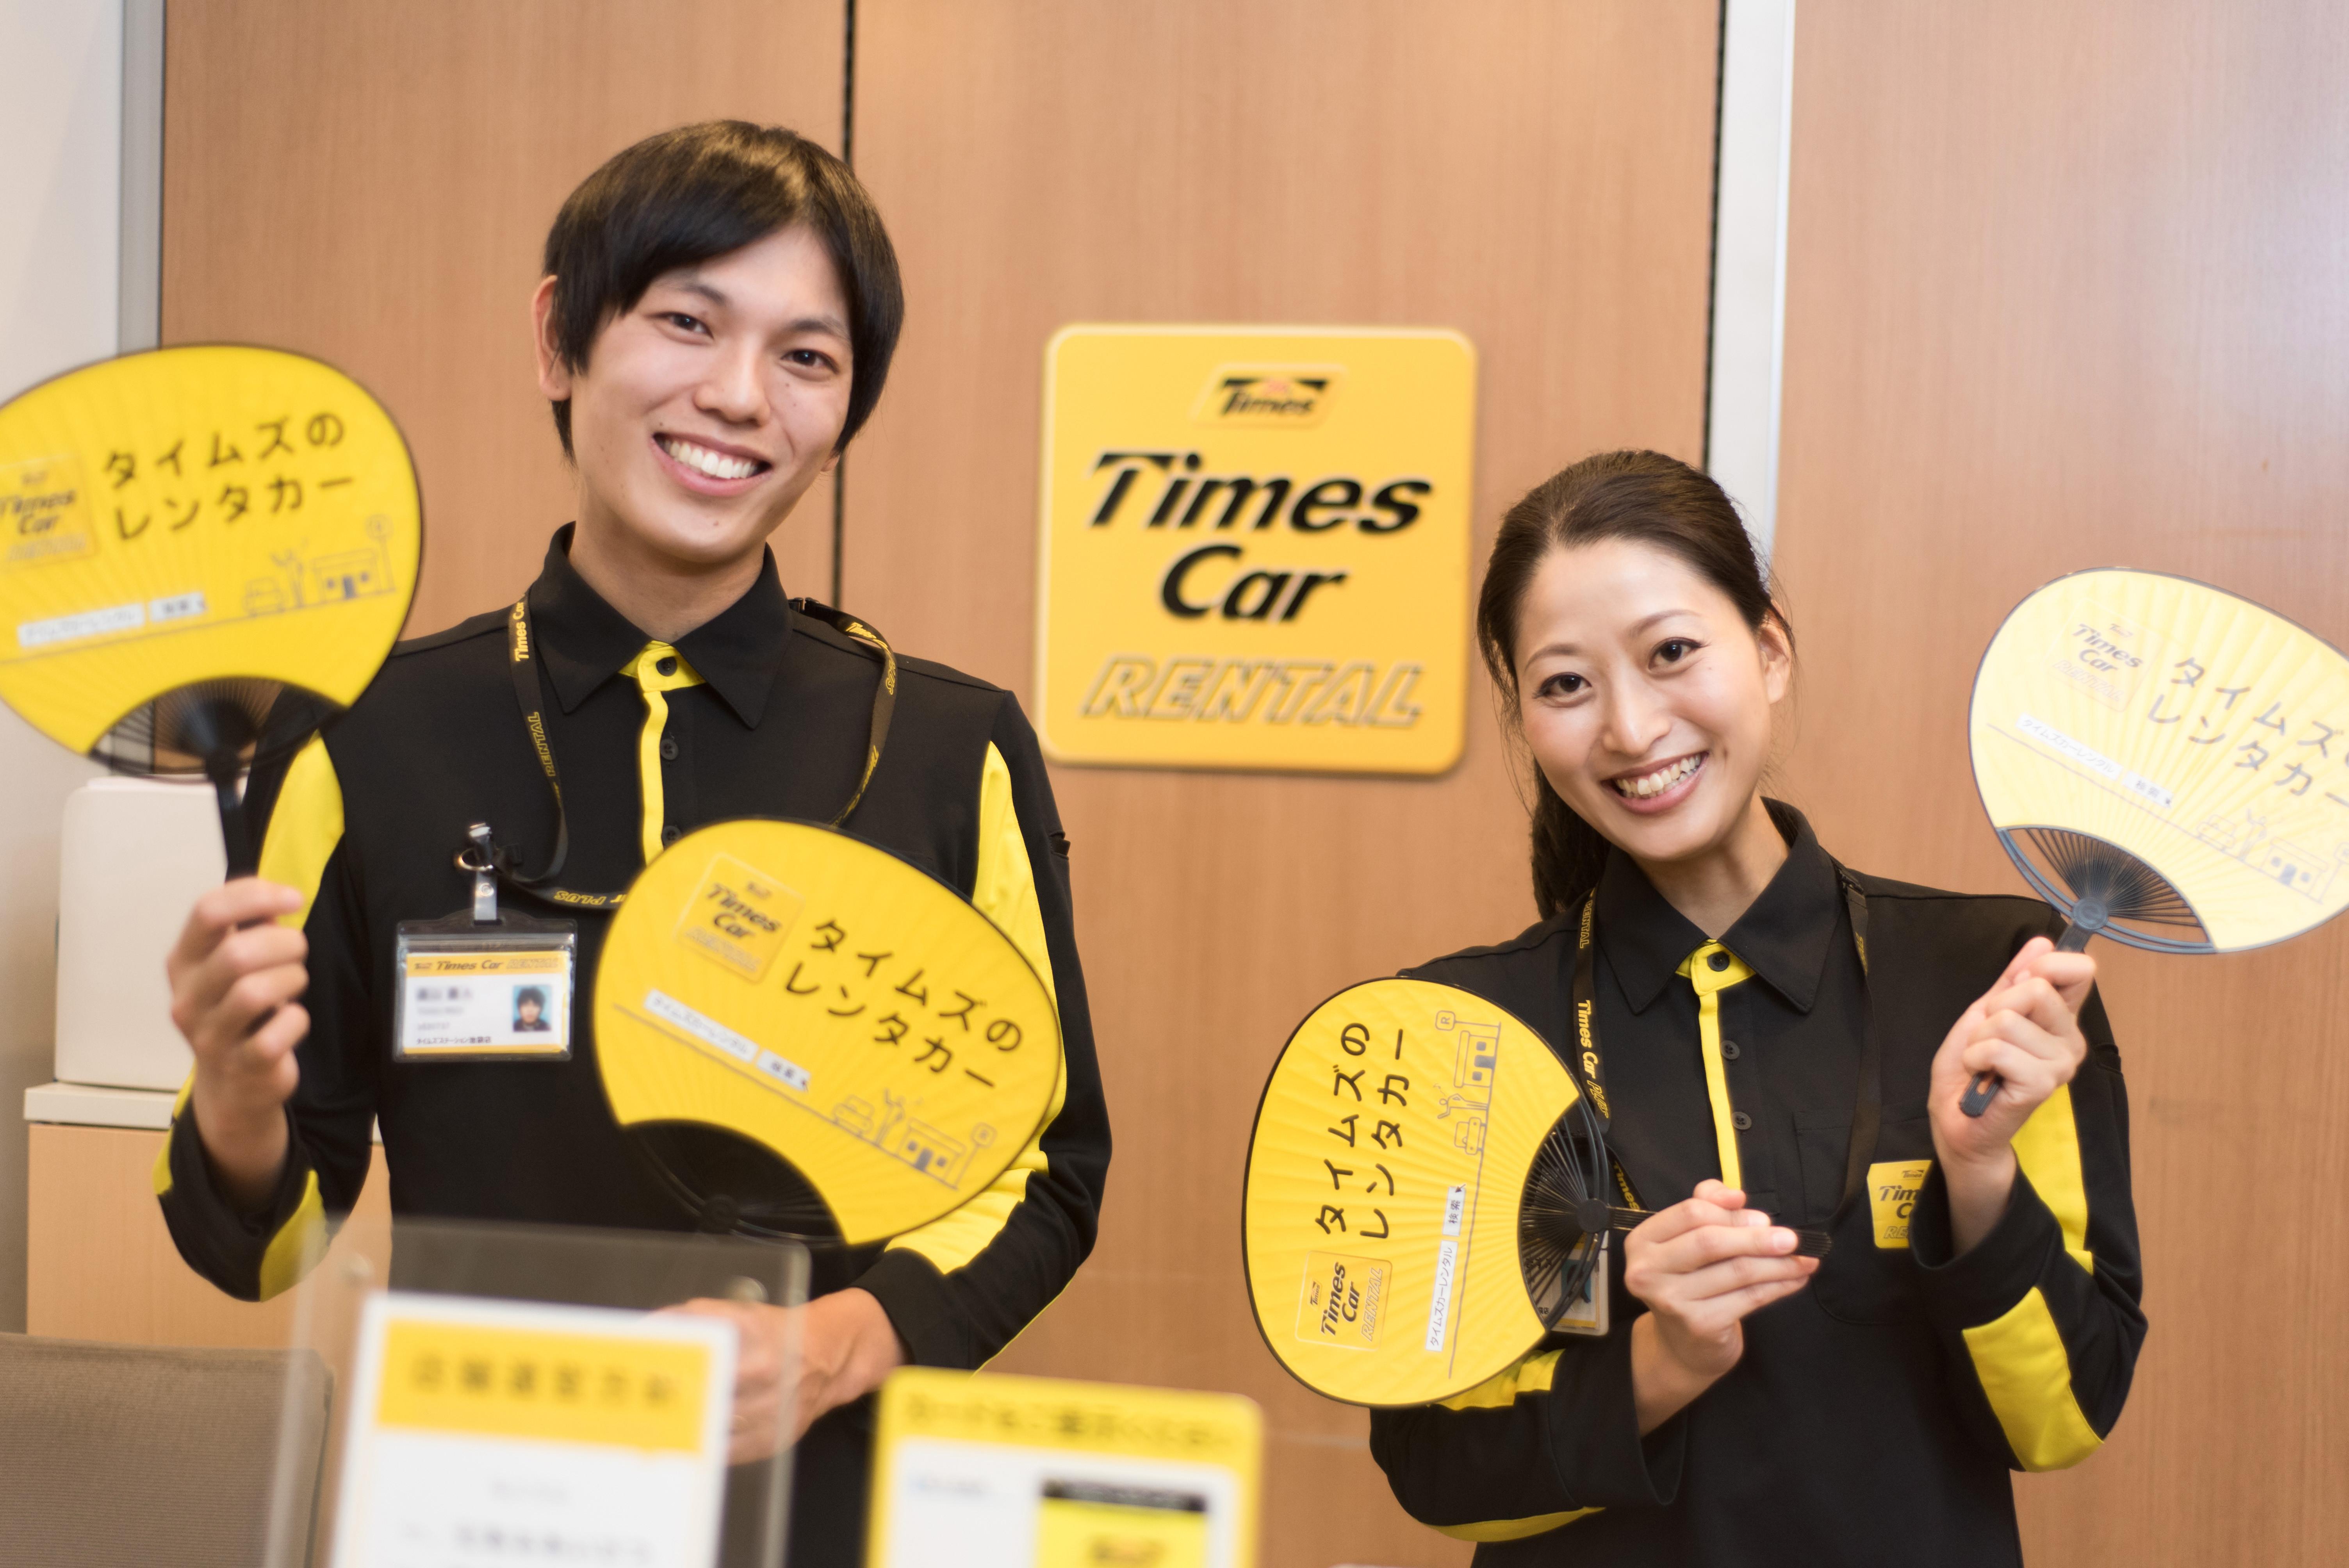 タイムズカーレンタル 八幡店 のアルバイト情報